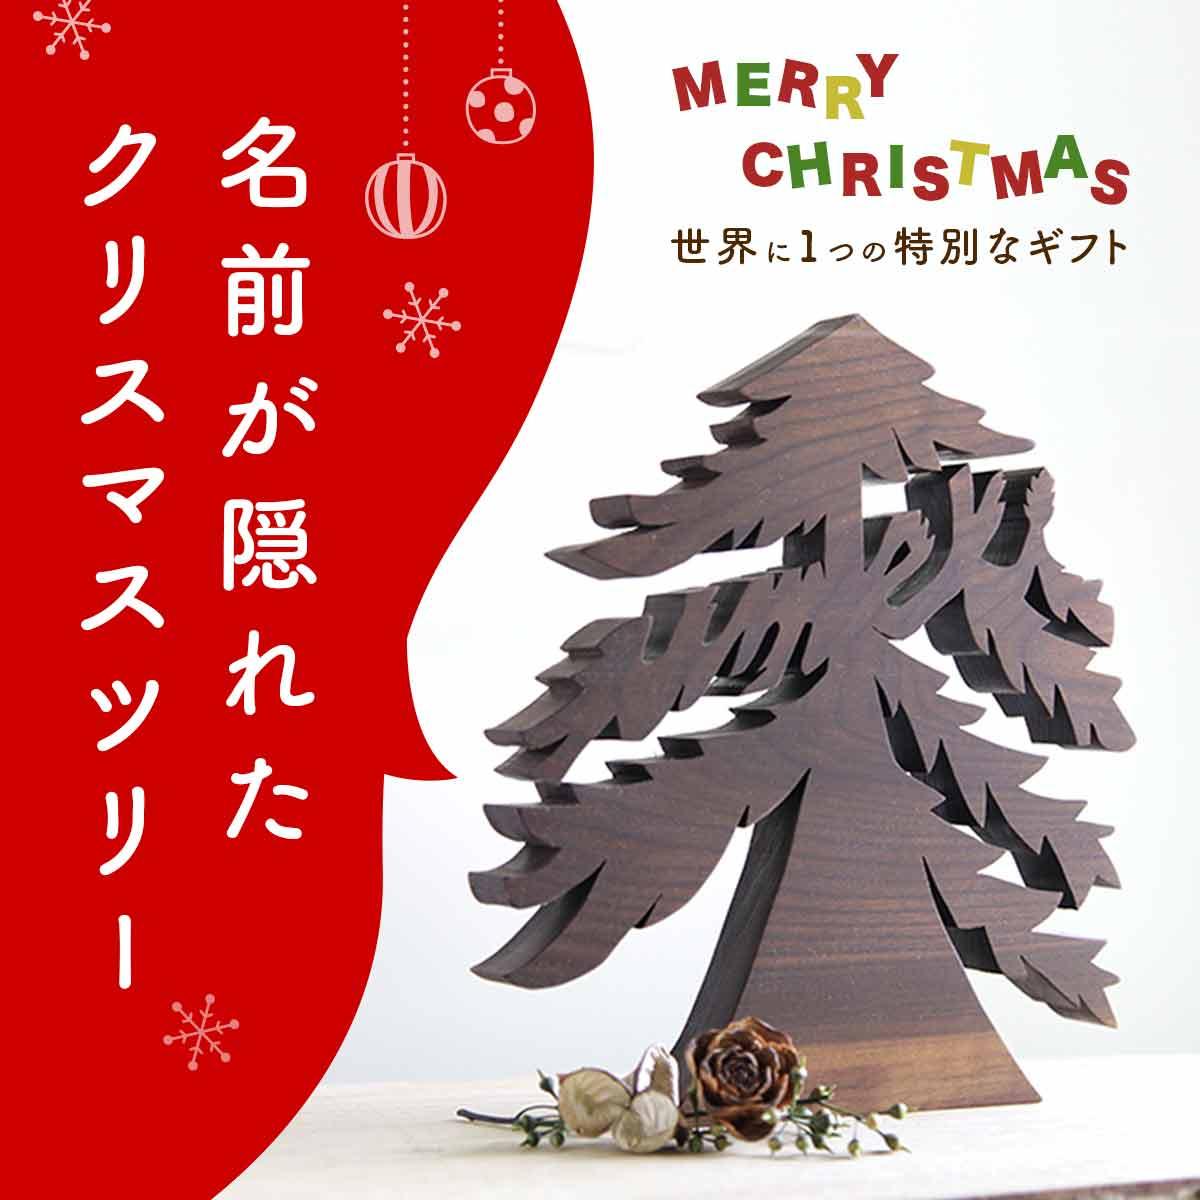 名前が隠れたクリスマスツリー 世界に1つのギフト